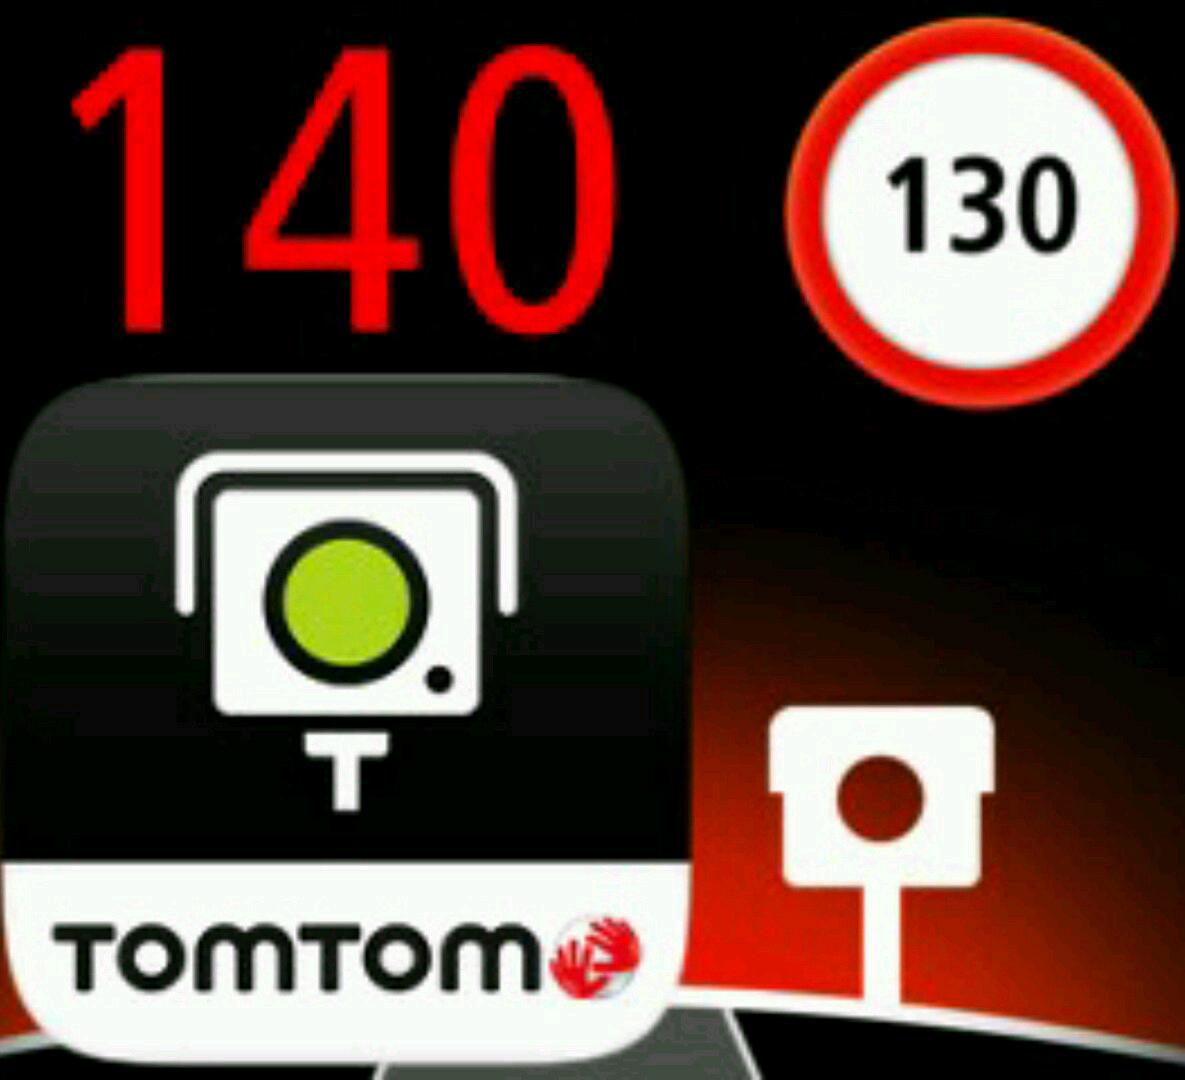 Radarkamera-Updates für 1 Jahr für Euer TomTom-Navigationsgerät (50% Rabatt)